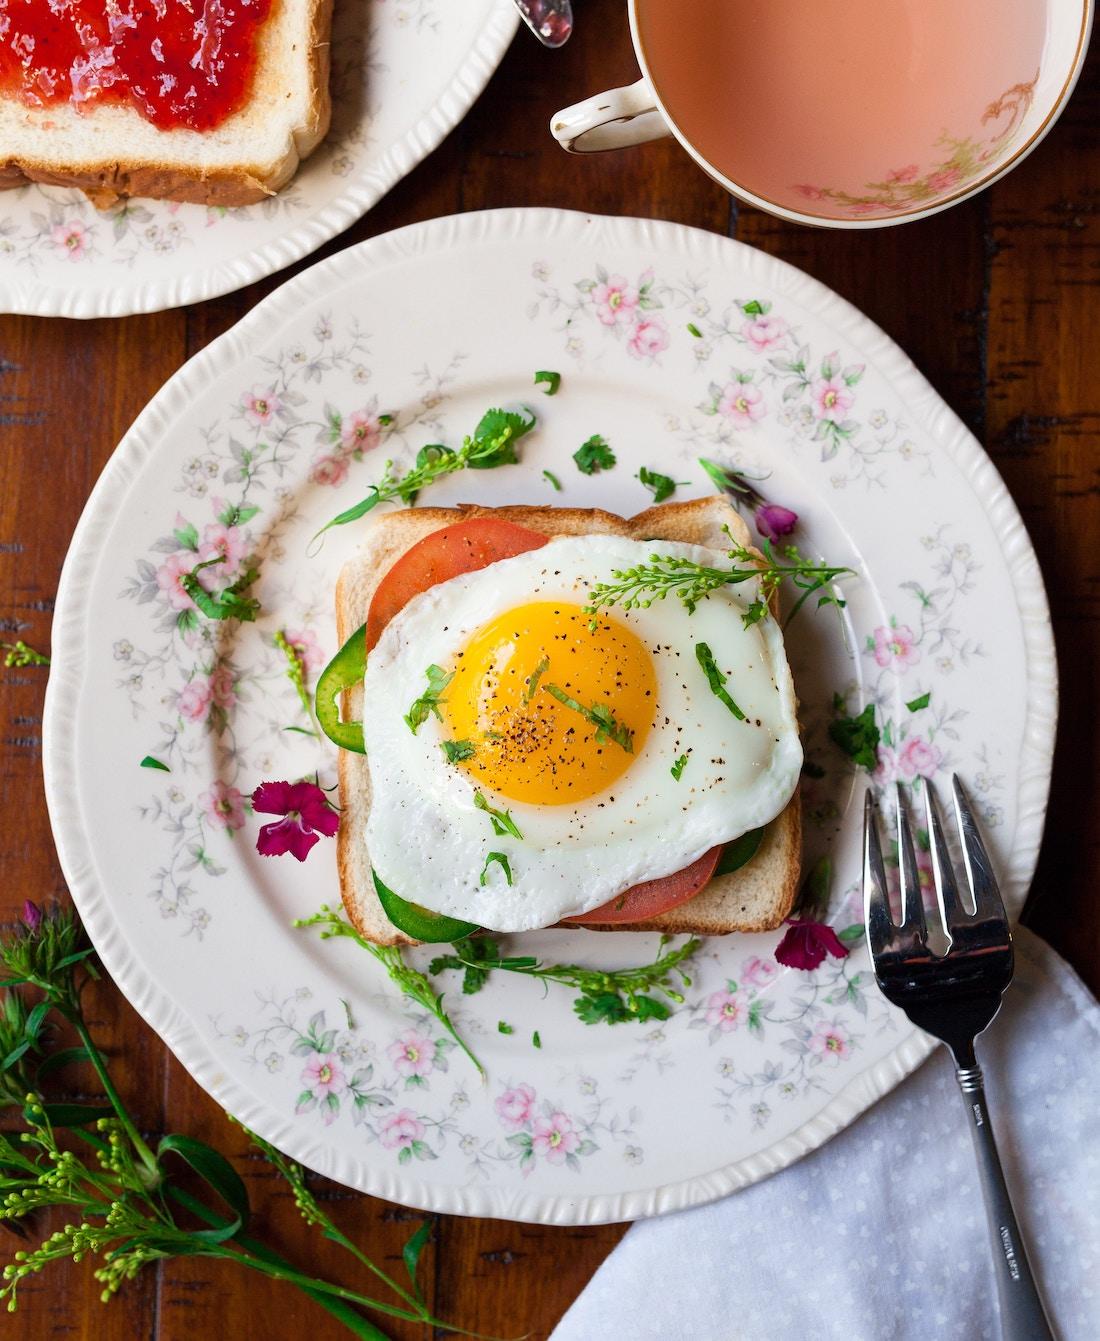 sandwich de verduras y huevo frito o plancha